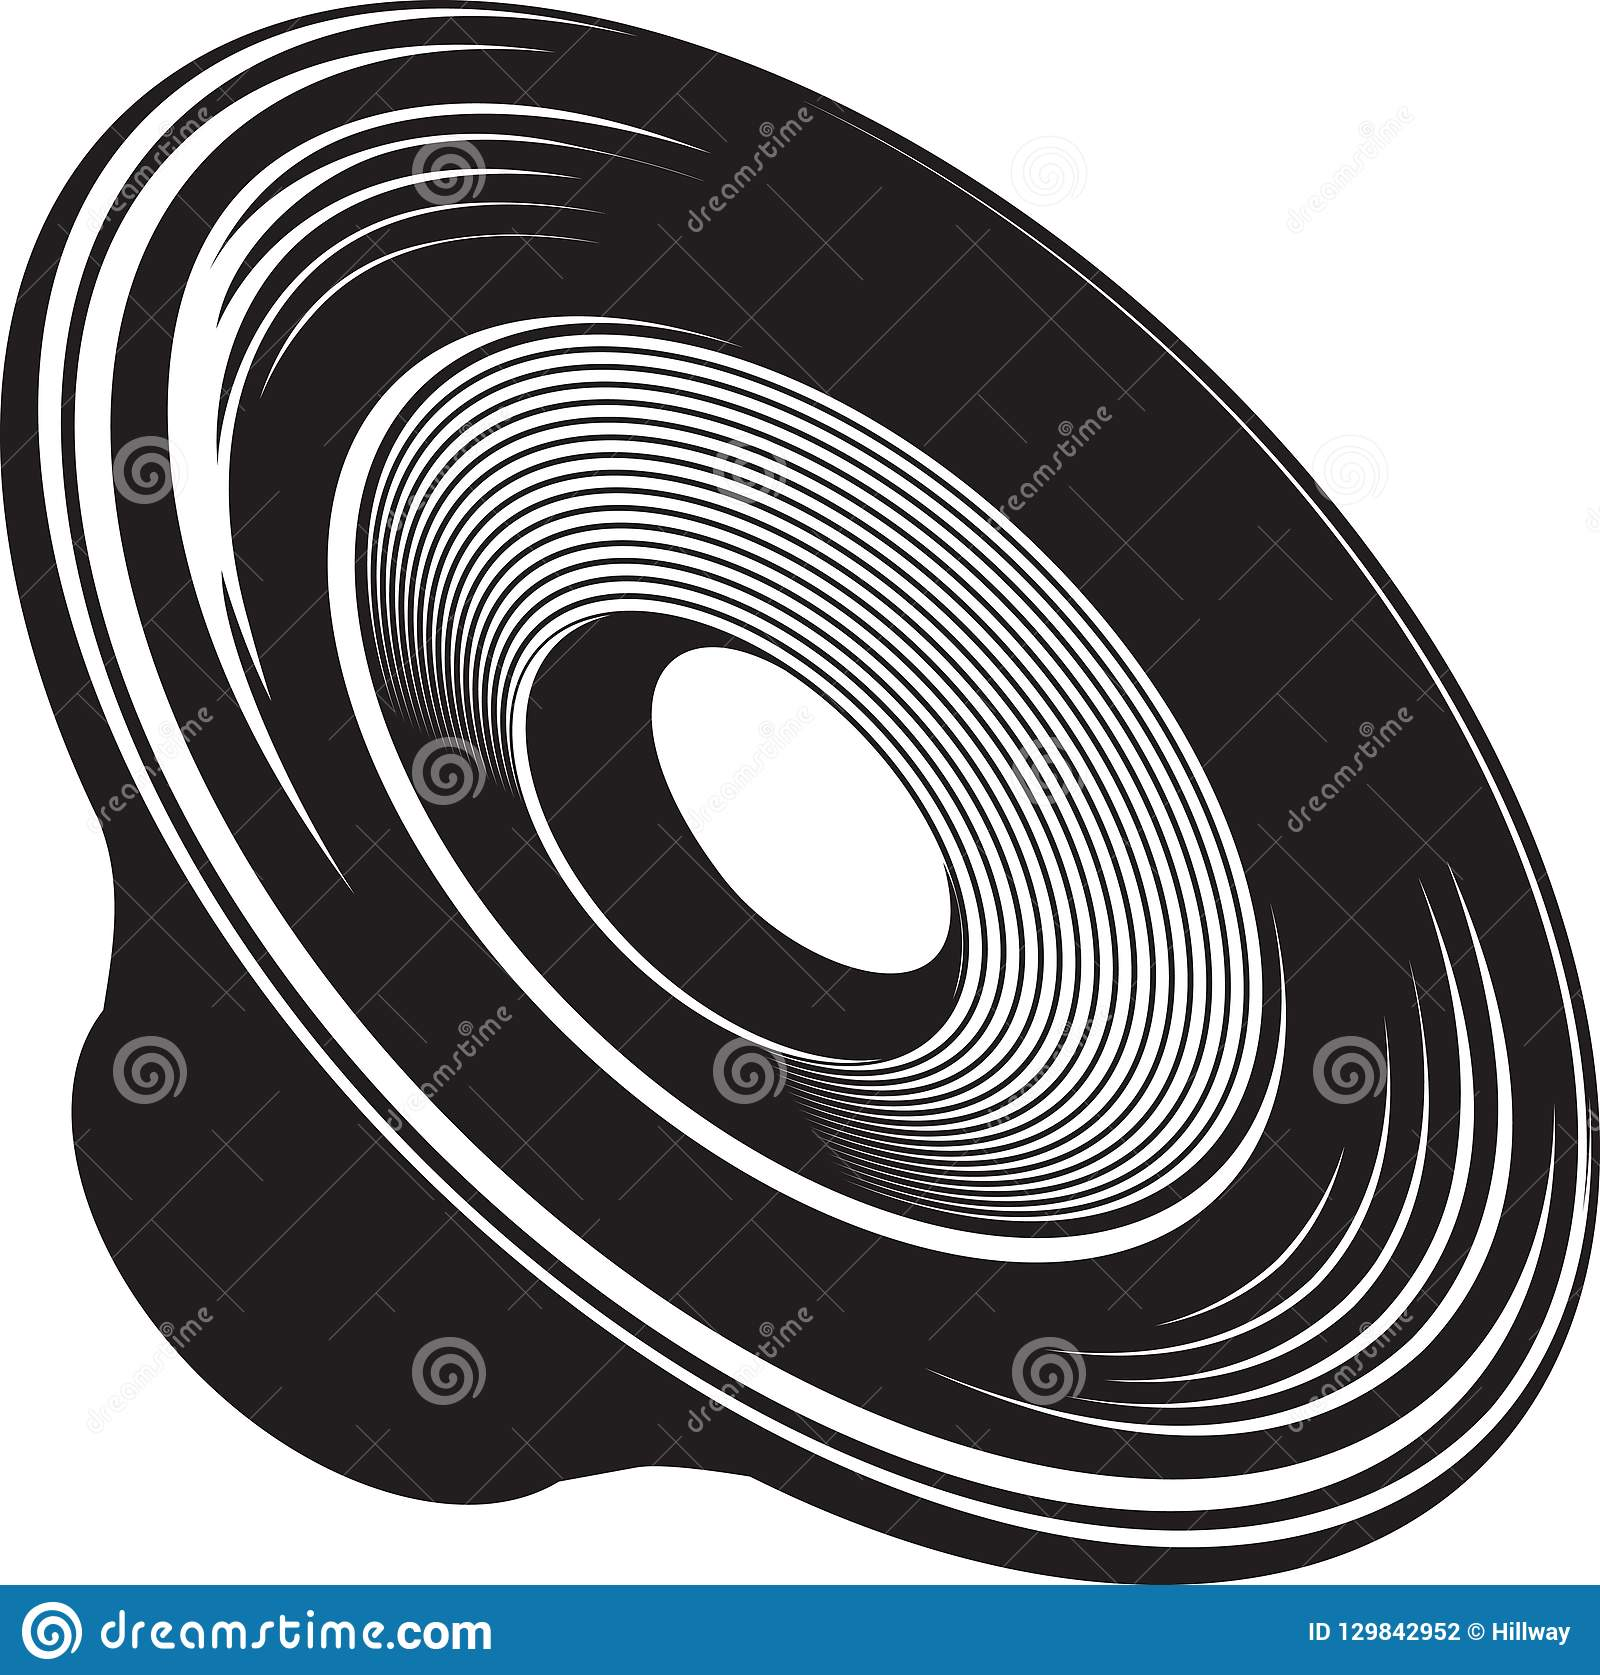 Zwart-witte geïsoleerde illustratie van sprekers akoestisch apparaat